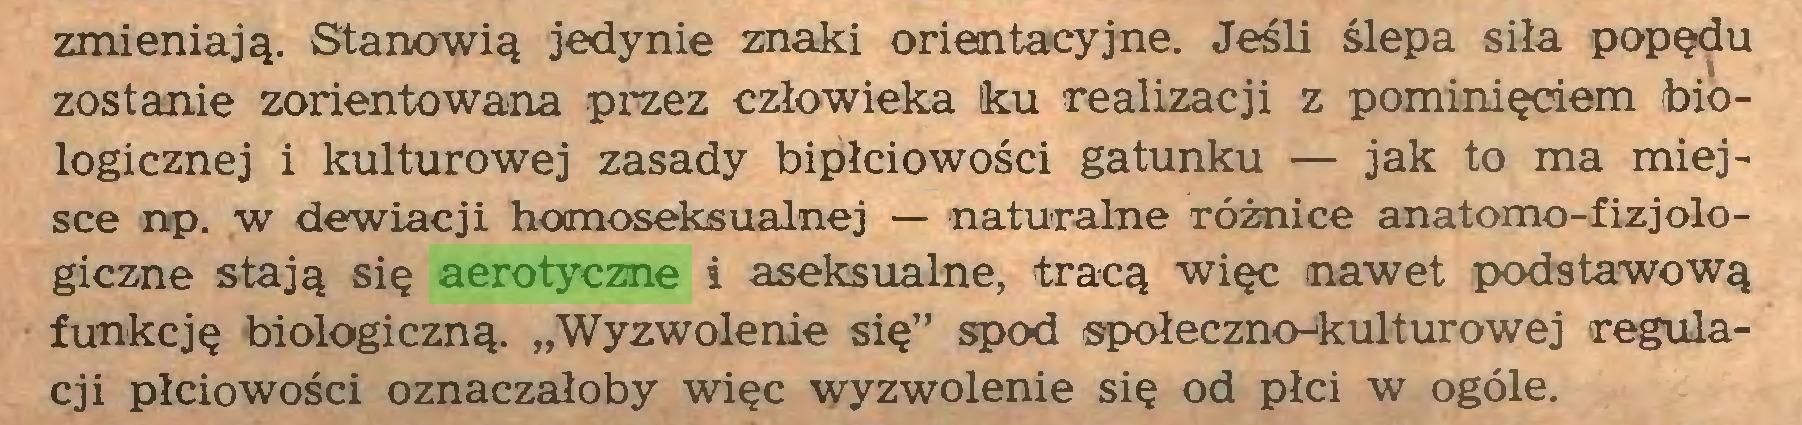 """(...) zmieniają. Stanowią jedynie znaki orientacyjne. Jeśli ślepa siła popędu zostanie zorientowana przez człowieka ku realizacji z pominięciem biologicznej i kulturowej zasady bipłciowości gatunku — jak to ma miejsce np. w dewiacji homoseksualnej — naturalne różnice anatomo-fizjologiczne stają się aerotyczne i aseksualne, tracą więc nawet podstawową funkcję biologiczną. """"Wyzwolenie się"""" spod społeczno-kulturowej regulacji płciowości oznaczałoby więc wyzwolenie się od płci w ogóle..."""